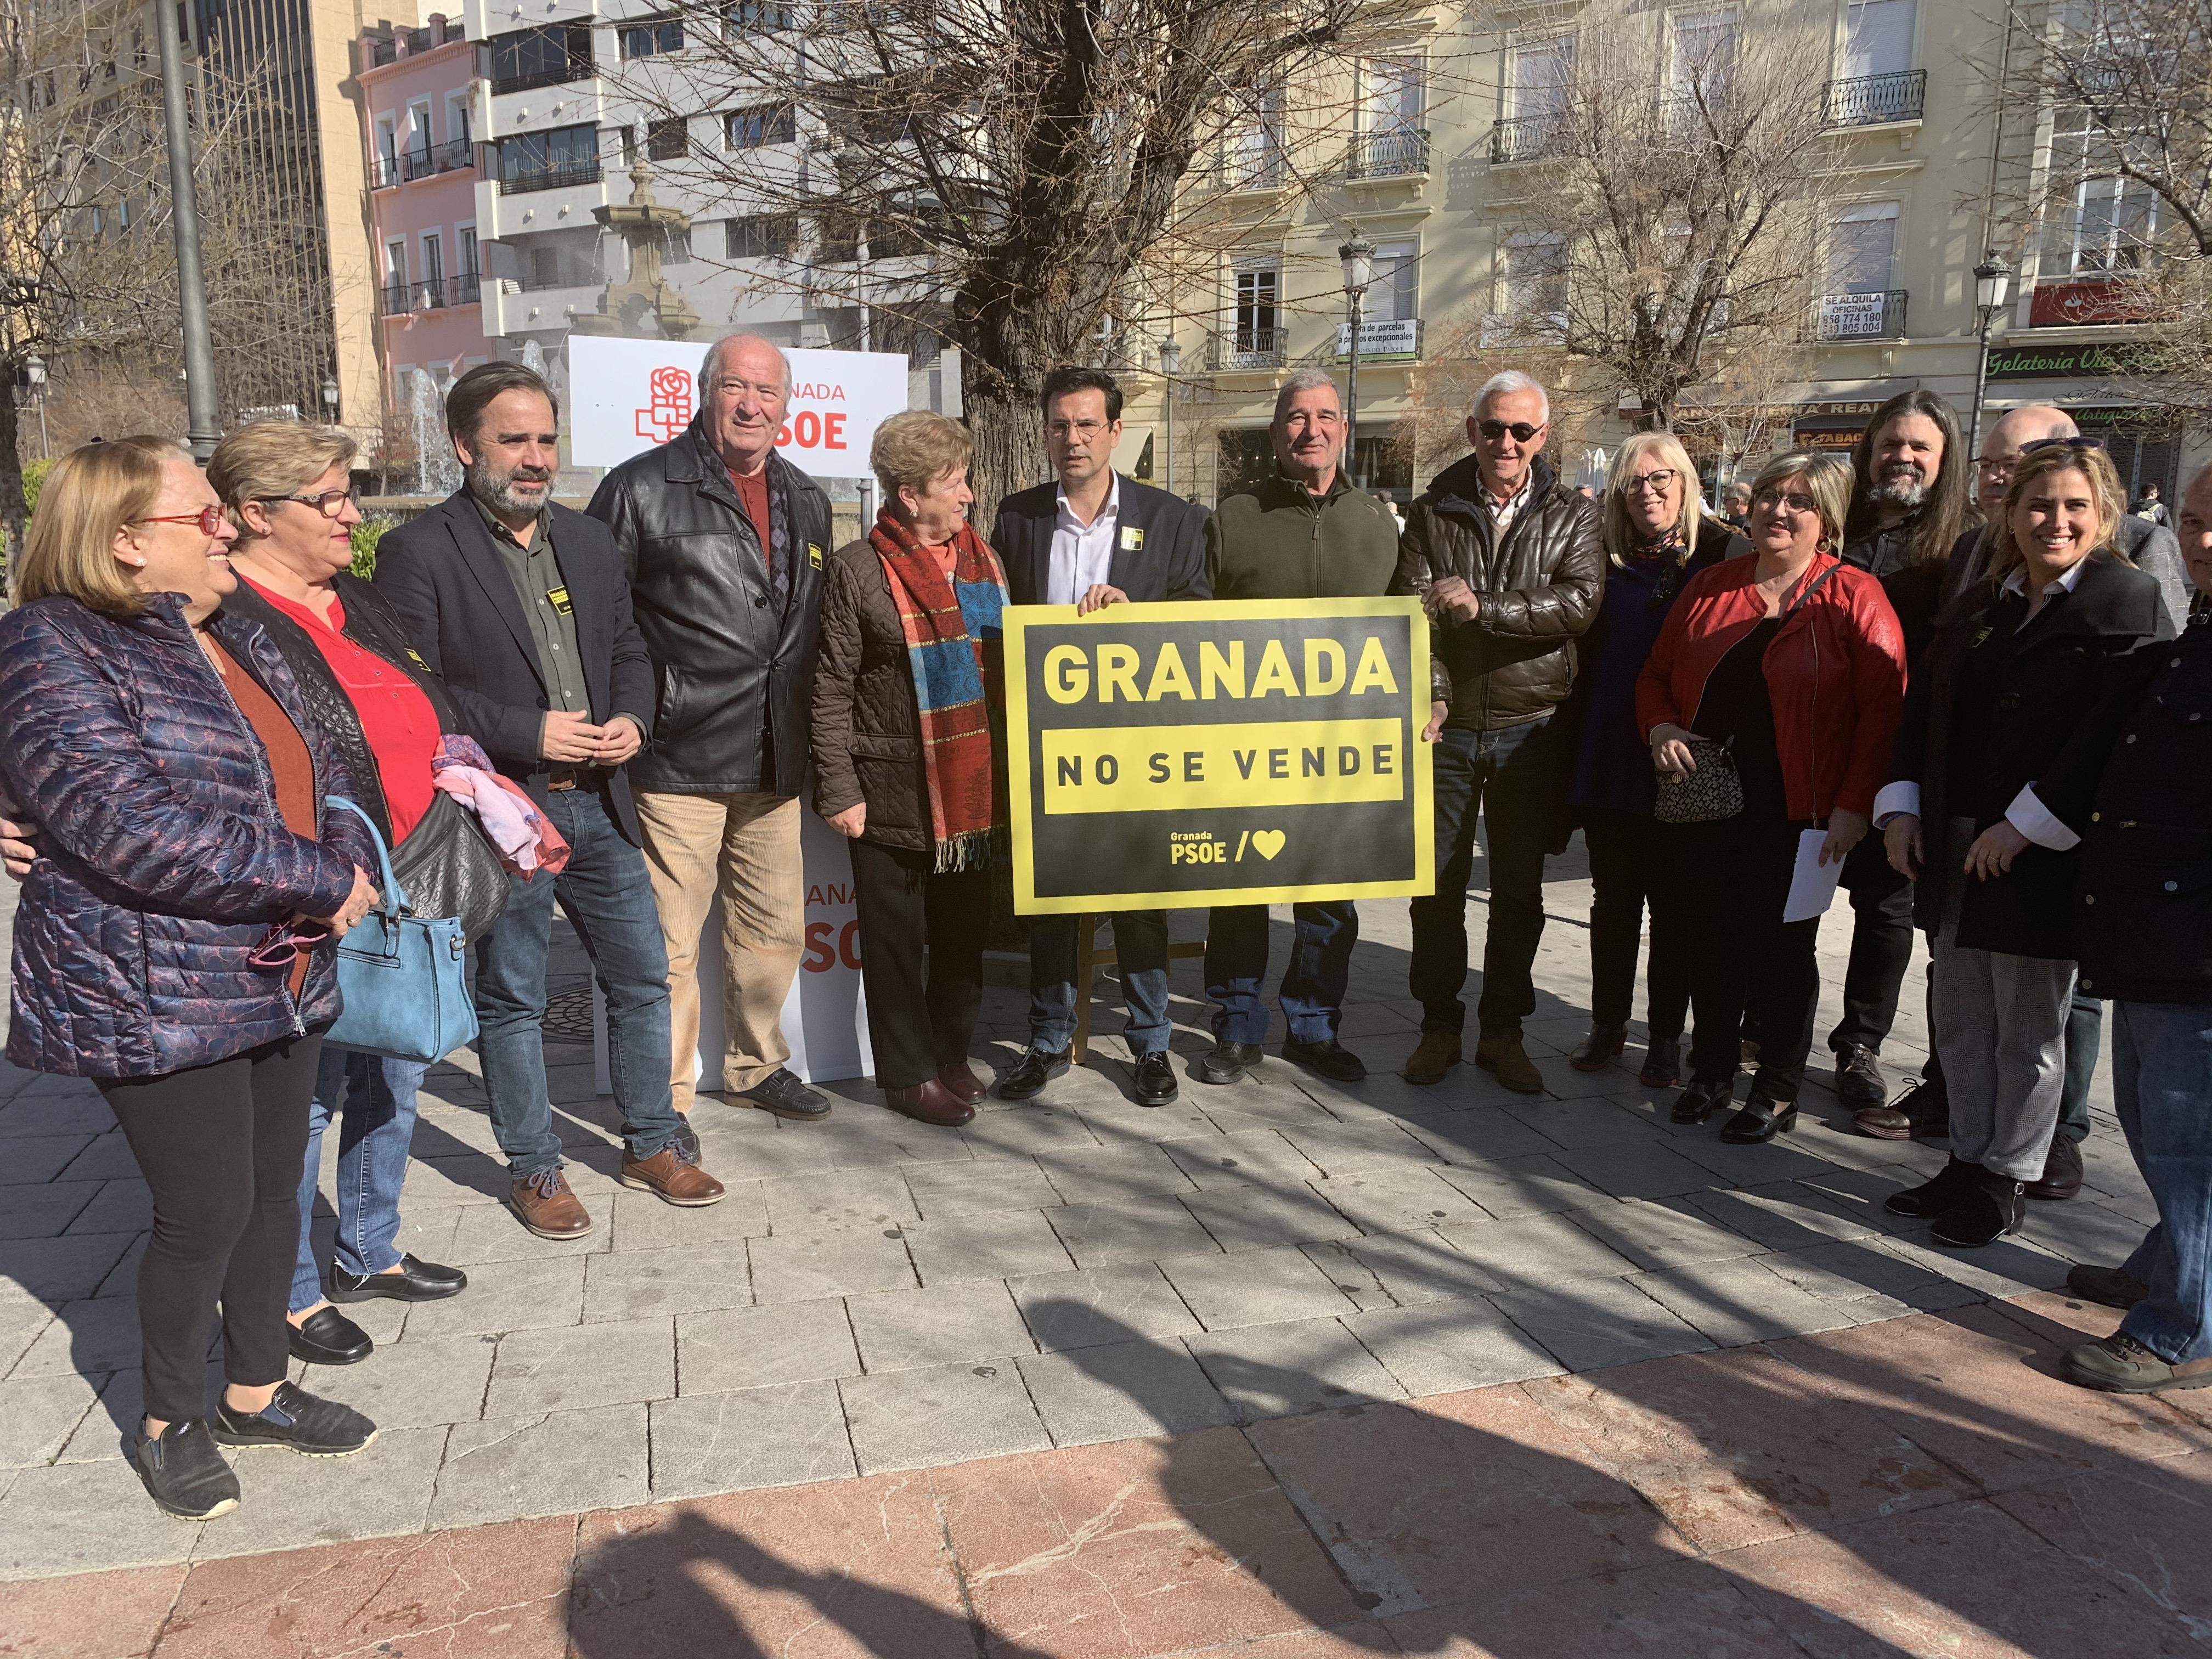 «Granada no se vende» nueva campaña del PSOE para evidenciar las consecuencias de los pactos CS, PP y Vox